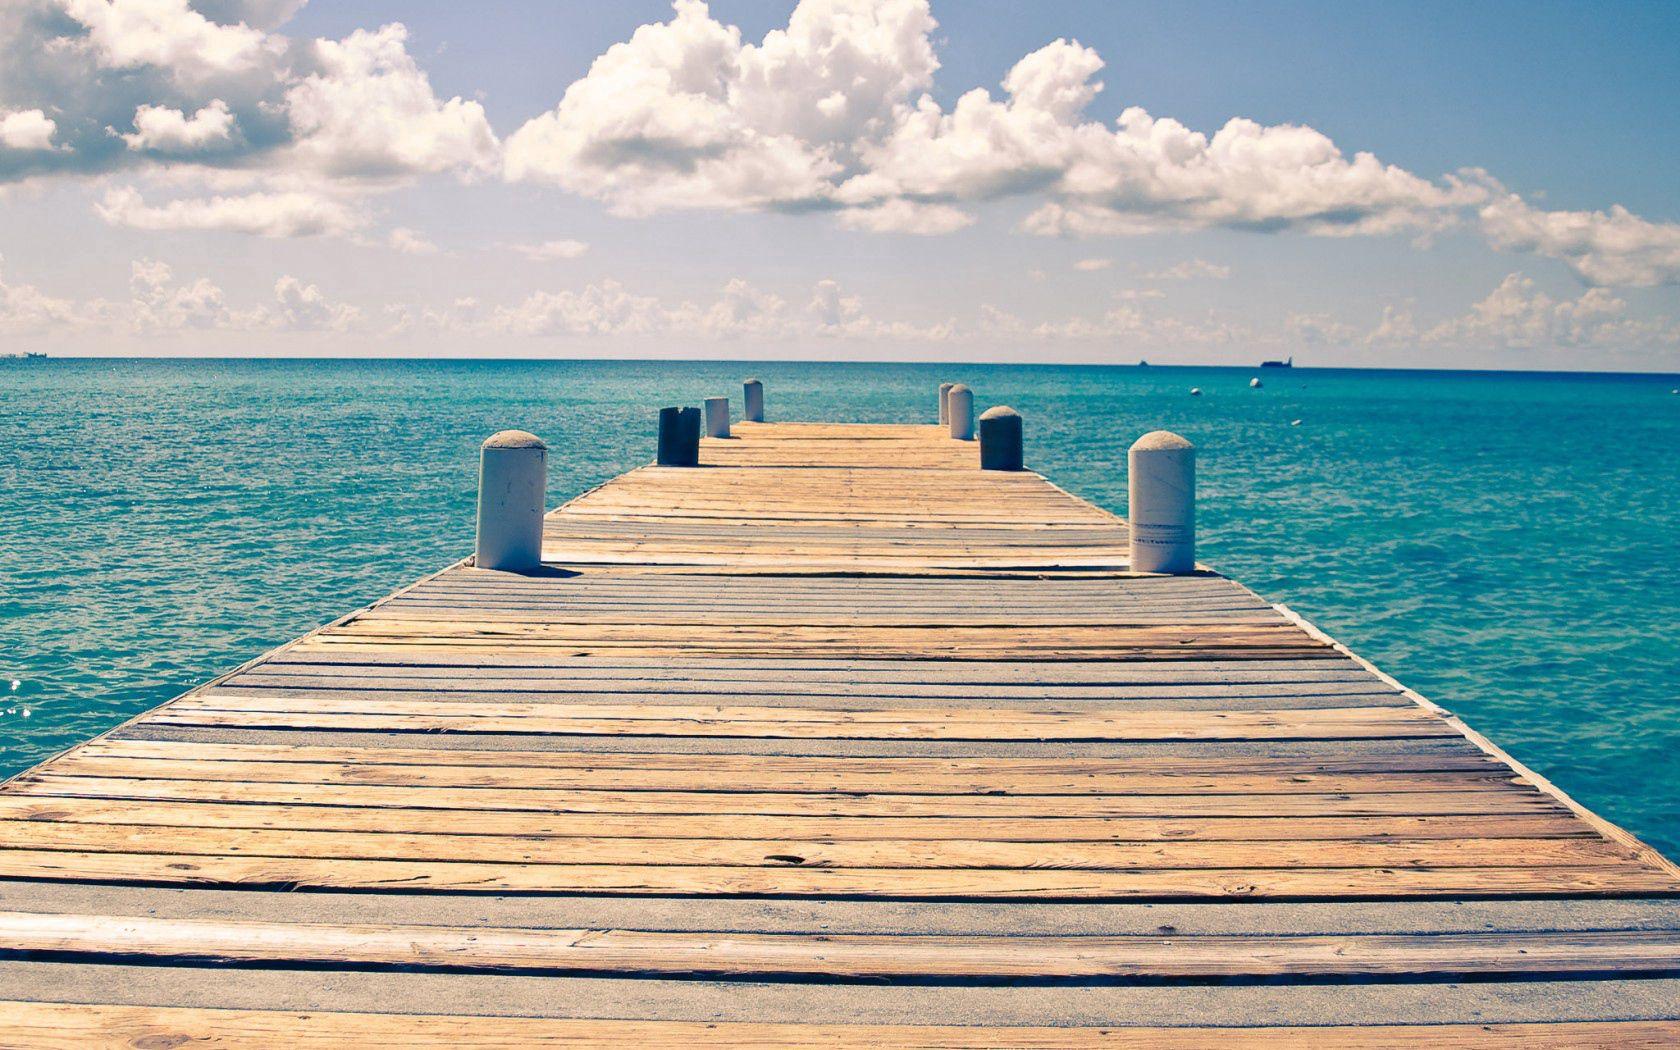 85277 Salvapantallas y fondos de pantalla Mar en tu teléfono. Descarga imágenes de Naturaleza, Mar, El Muelle, Muelle, Cielo, Nubes gratis